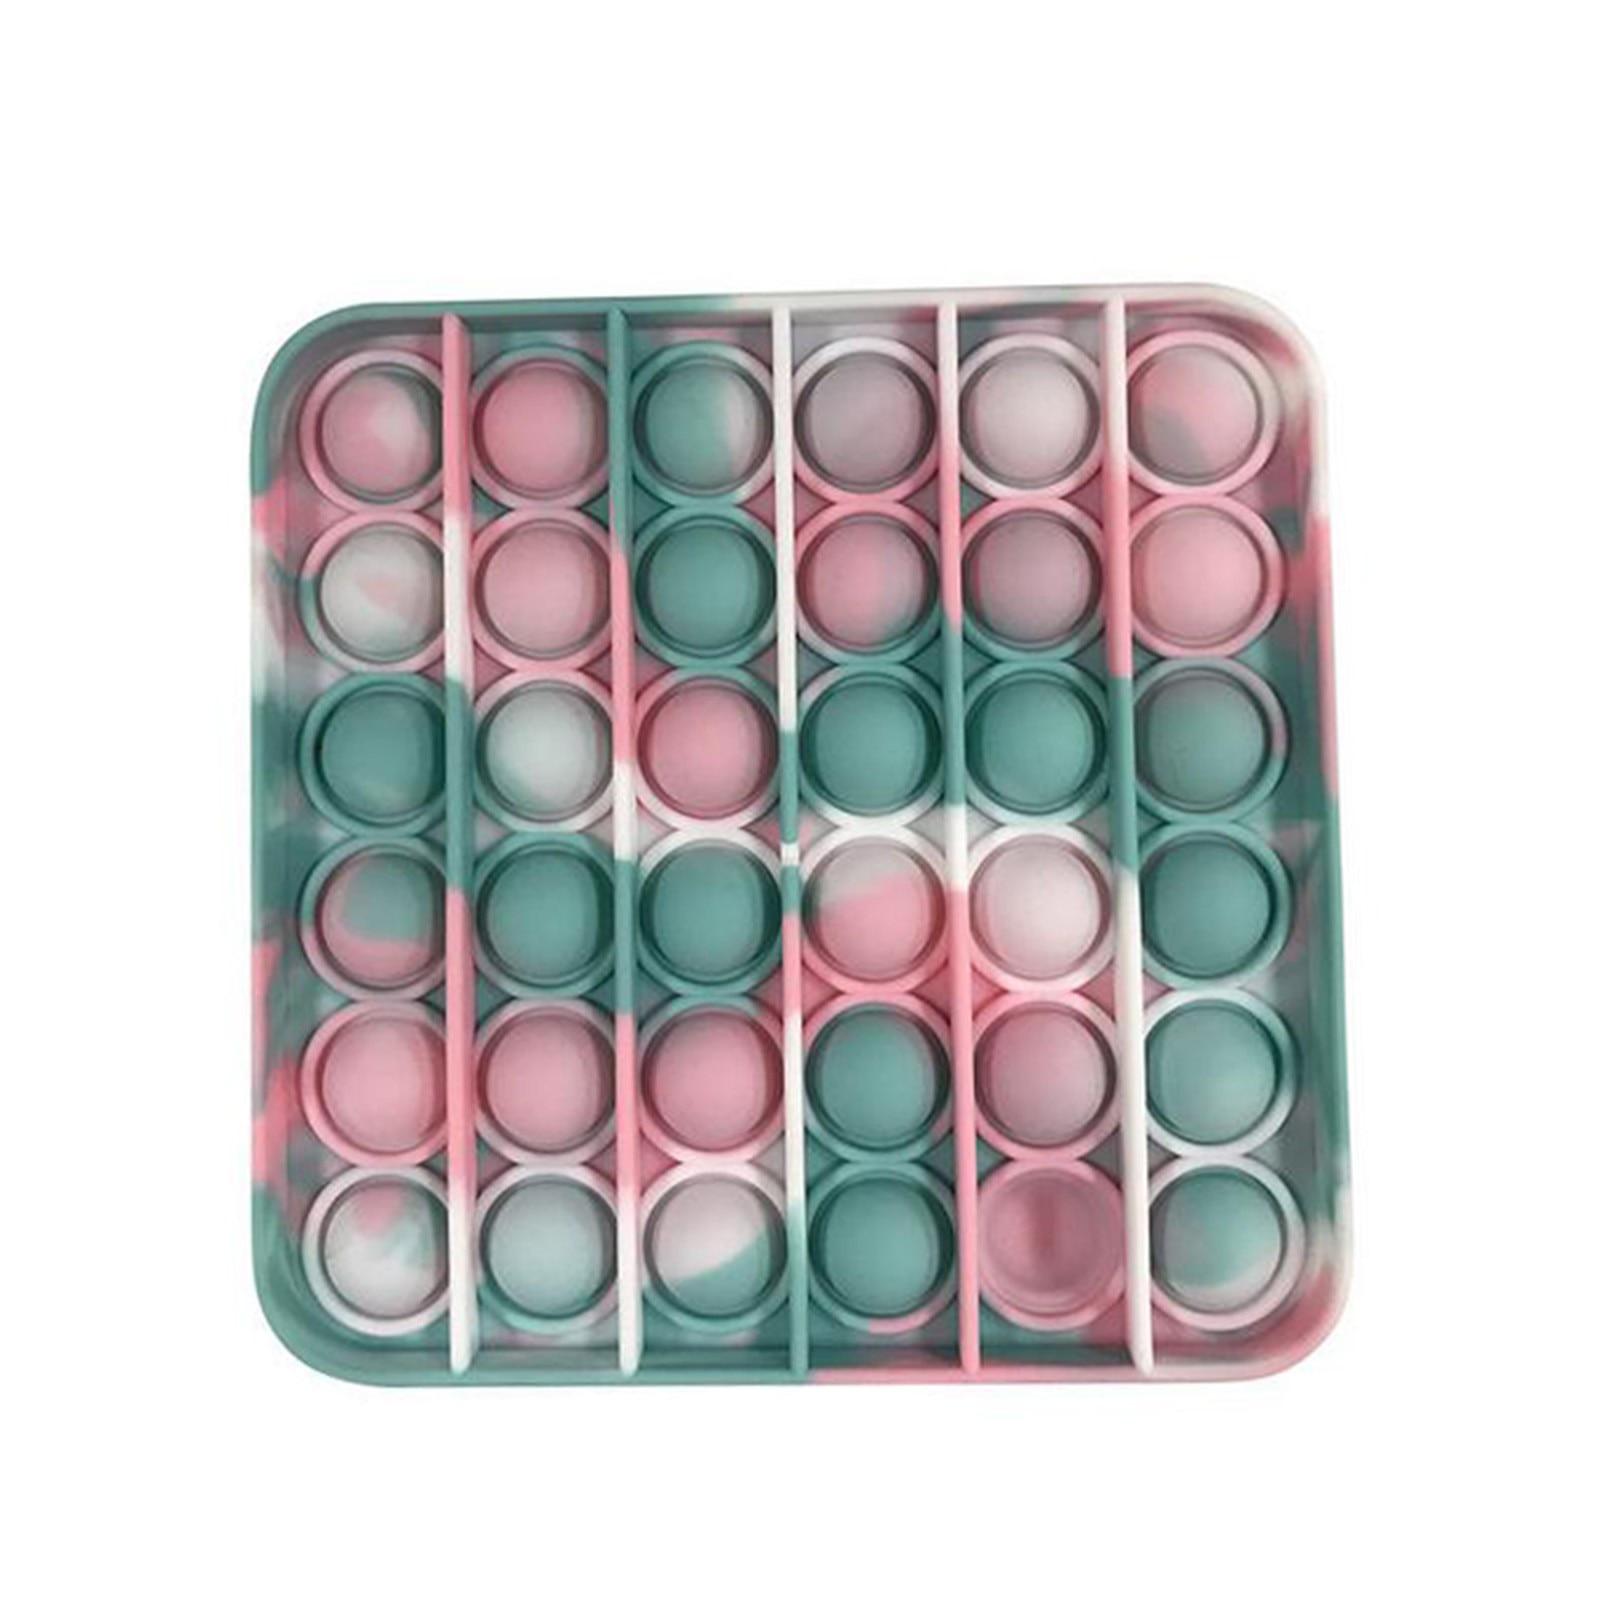 Popit Fidget Bubble-Stress Autism Dye-Color It-Rainbow/Tie Kids Reliever Adult Toy img3